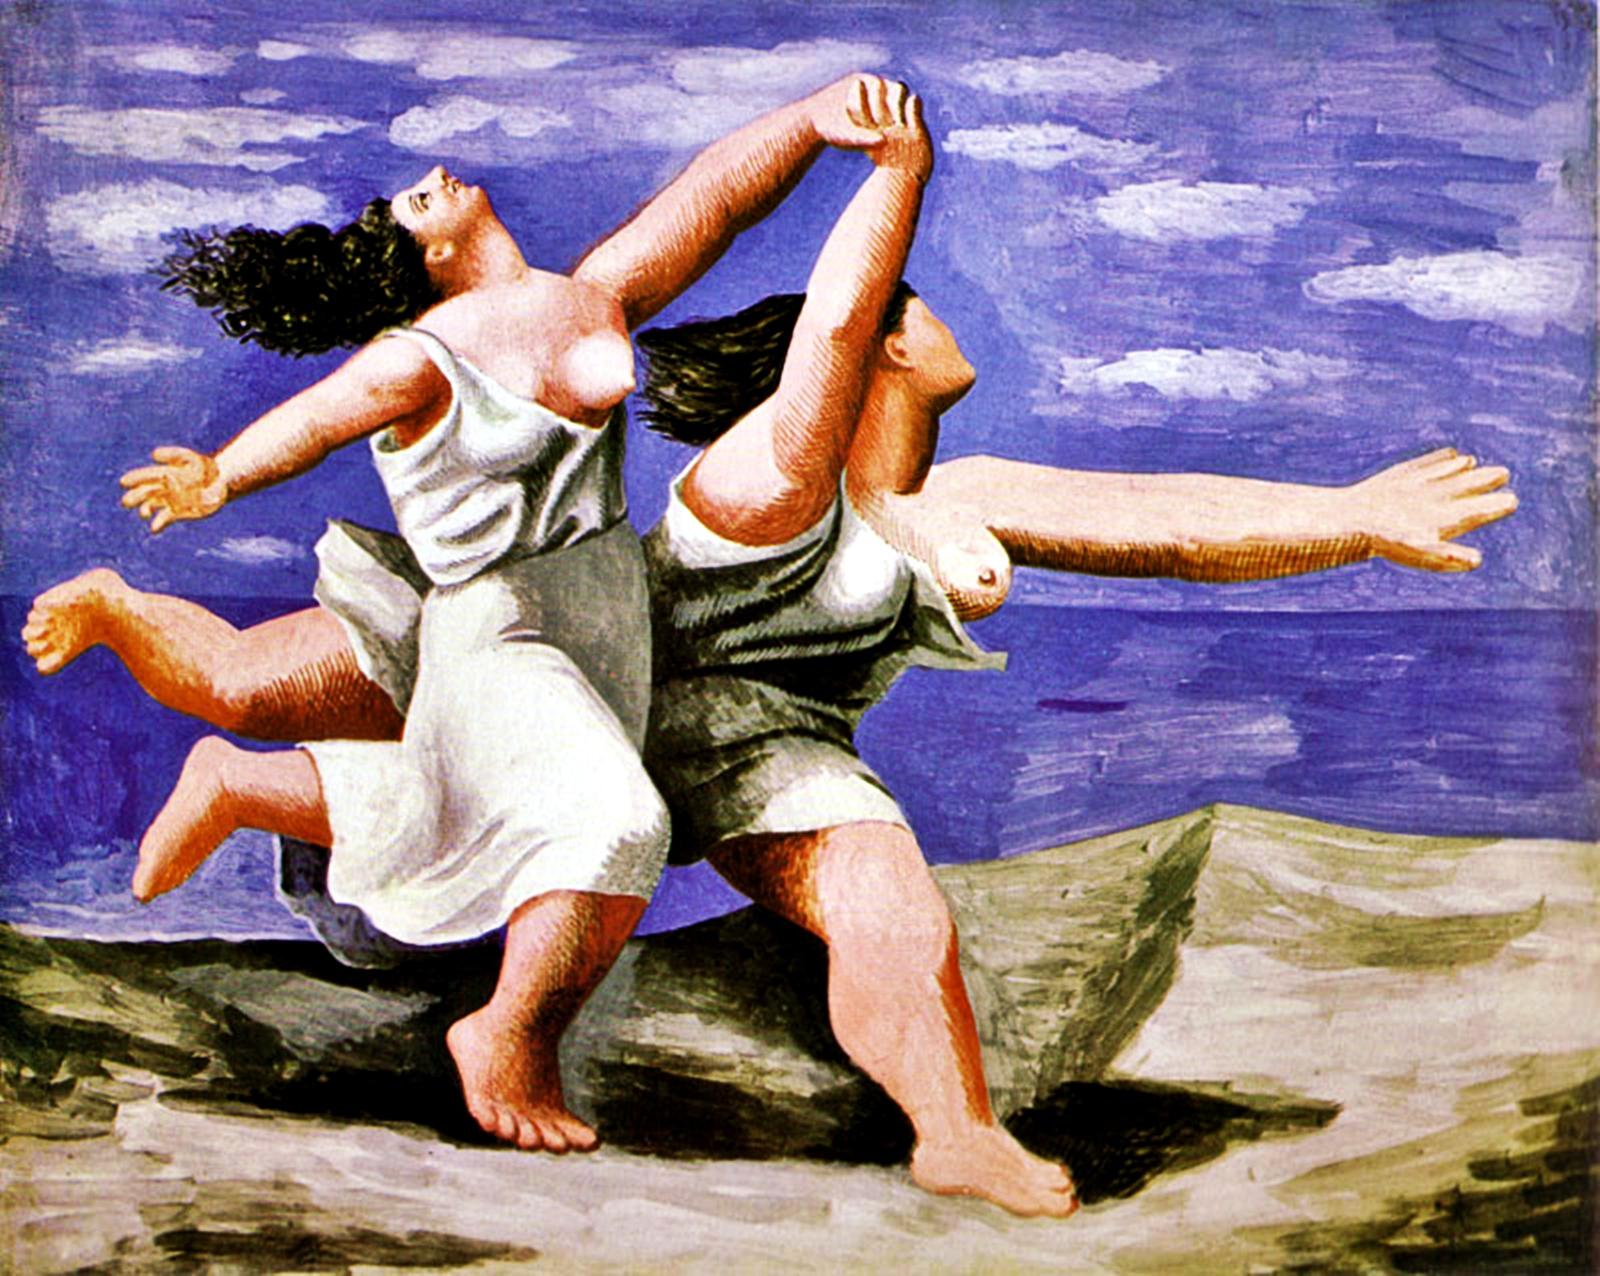 Picasso - Deux femmes courant sur la plage